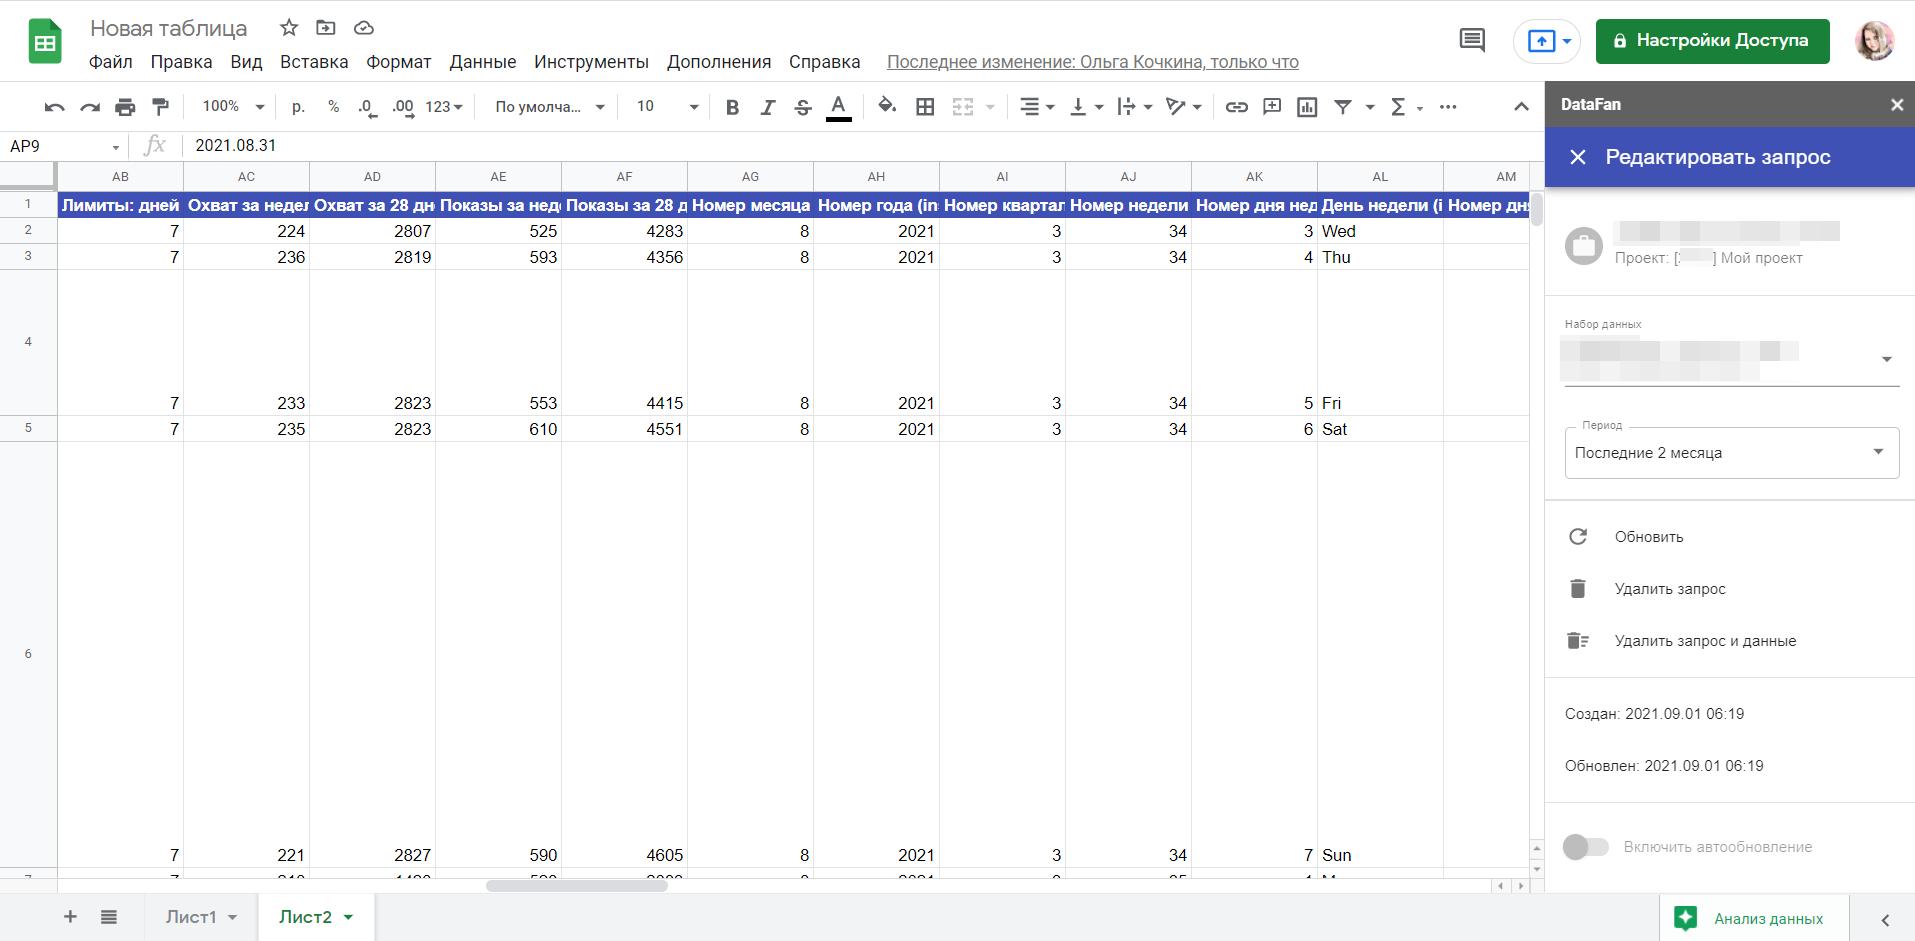 Данные из соцсетей в Google Таблицах, на основе которых можно строить отчет